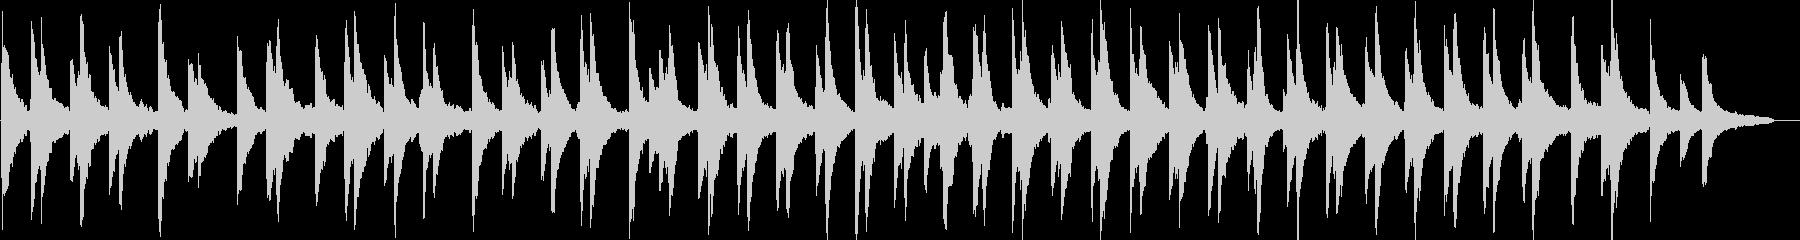 感動的・静けさ・ピアノ・映像・イベント用の未再生の波形